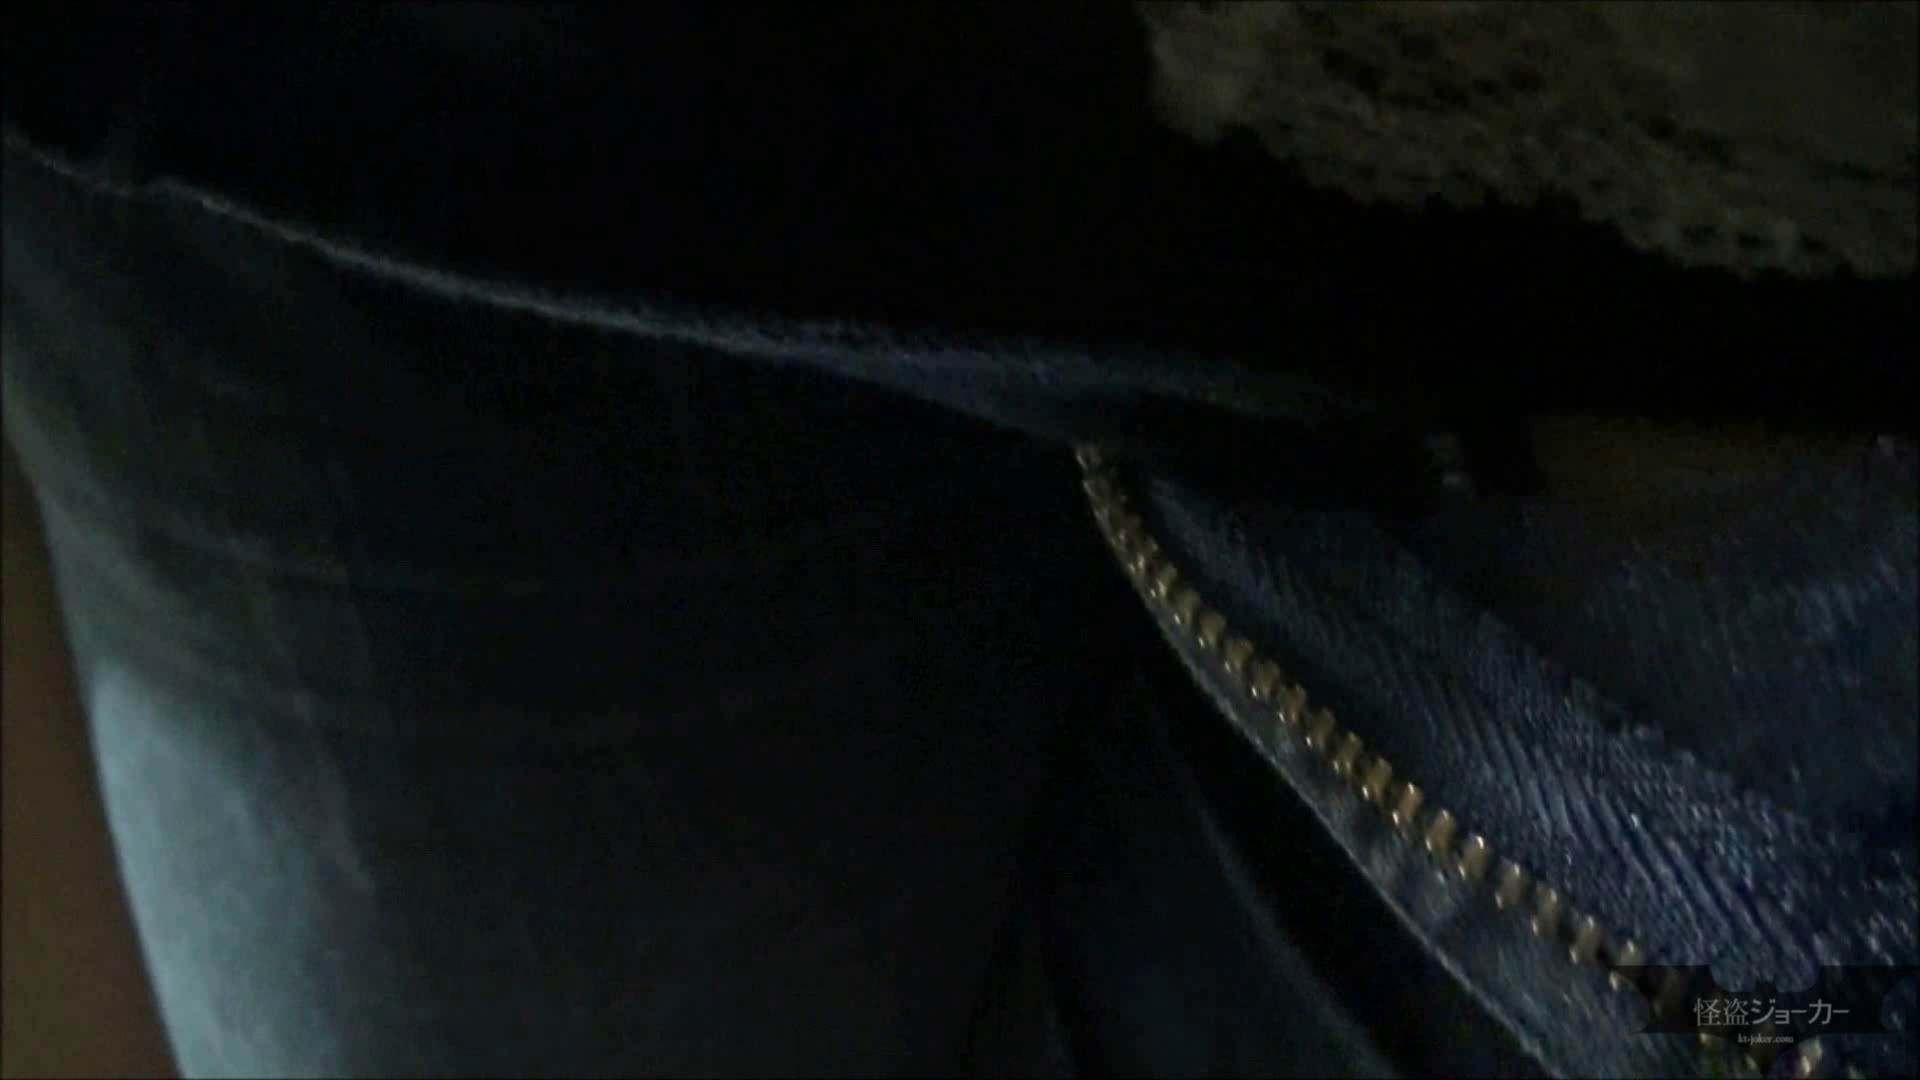 【未公開】vol.89 {黒髪女子18歳}押しに弱いYURIちゃん。 知人のセックス ぱこり動画紹介 66PIX 41